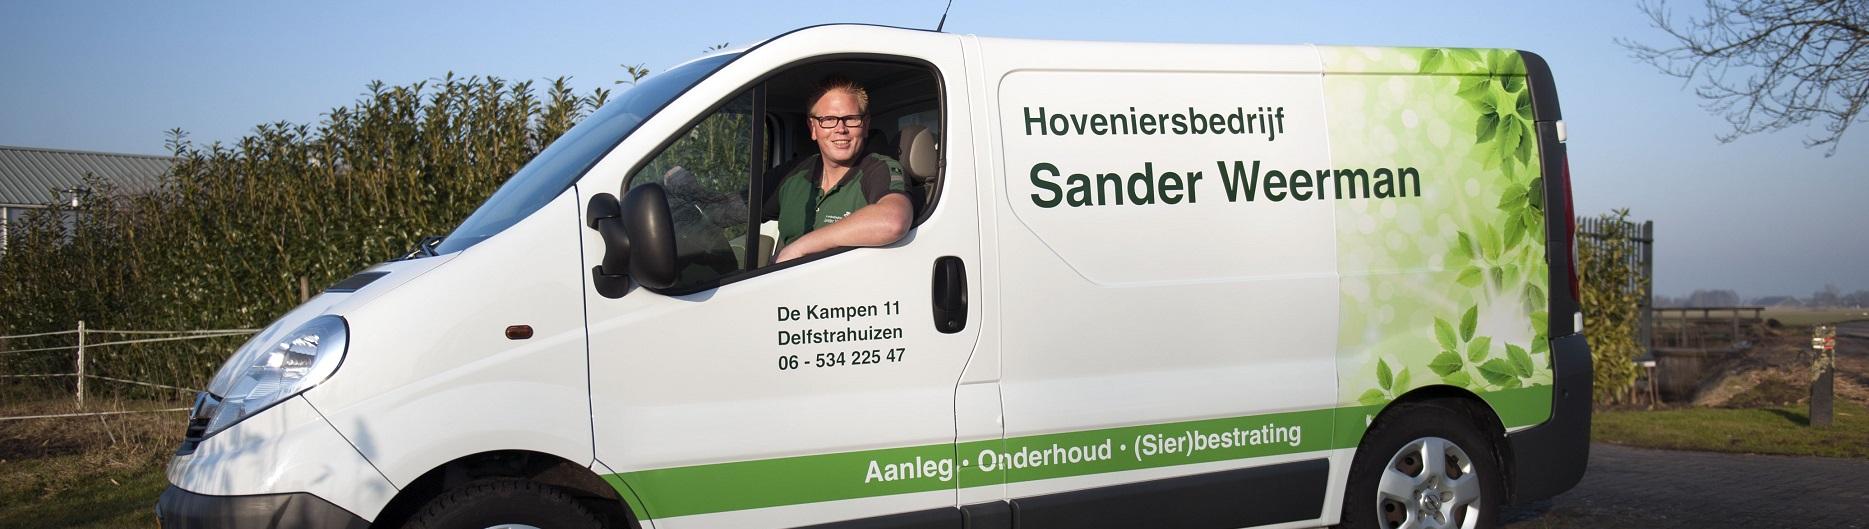 Hoveniersbedrijf Sander Weerman